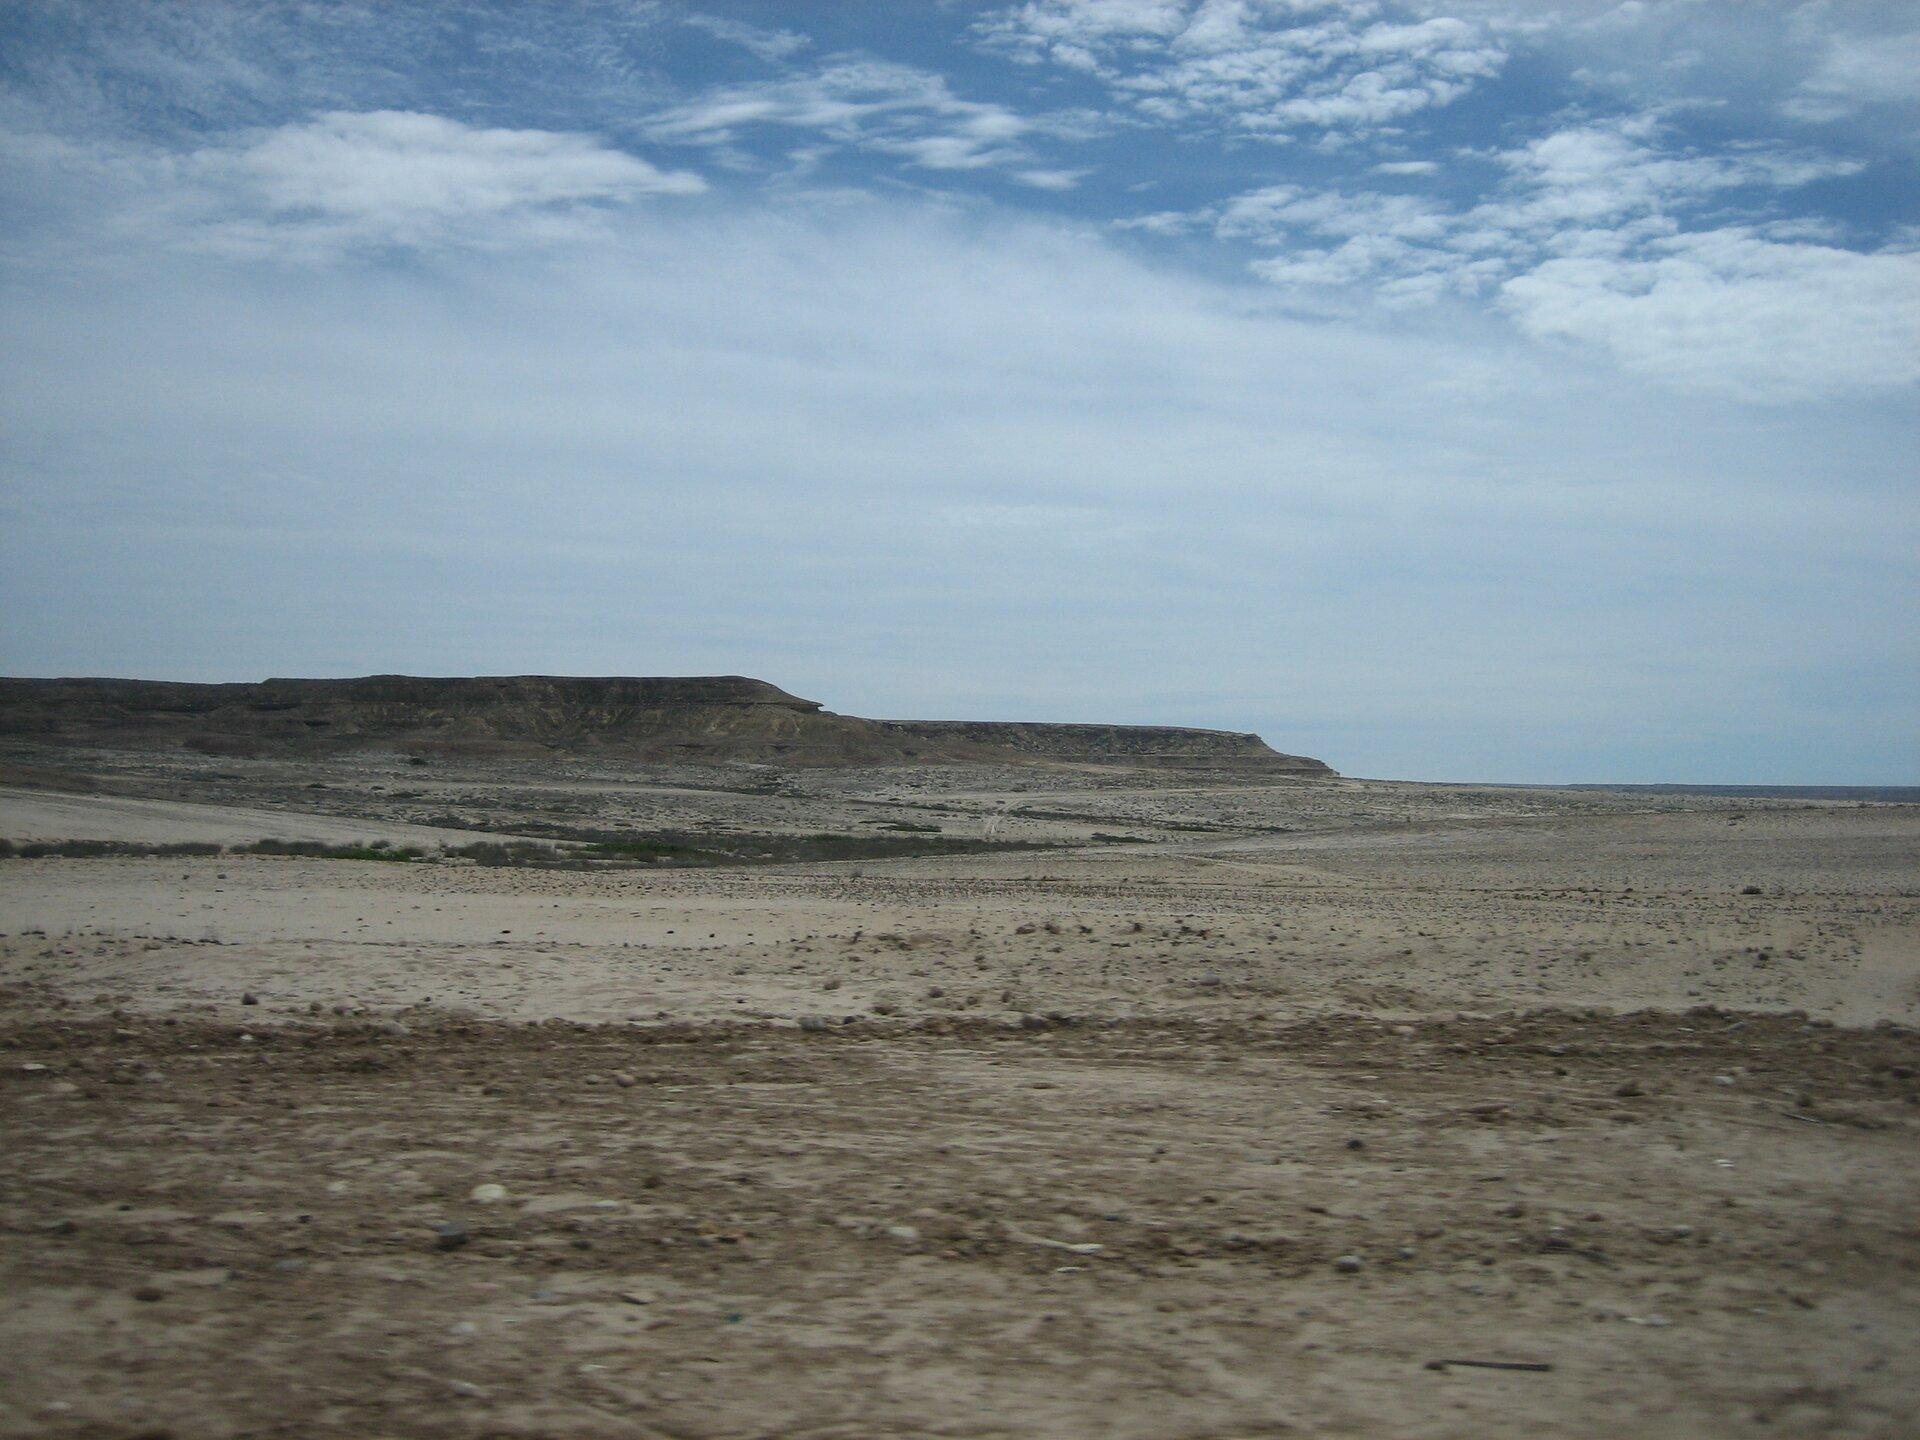 Nadmorska Pustynia Namib powstała wwyniku działania chłodnego Prądu Benguelskiego, który ogranicza opady